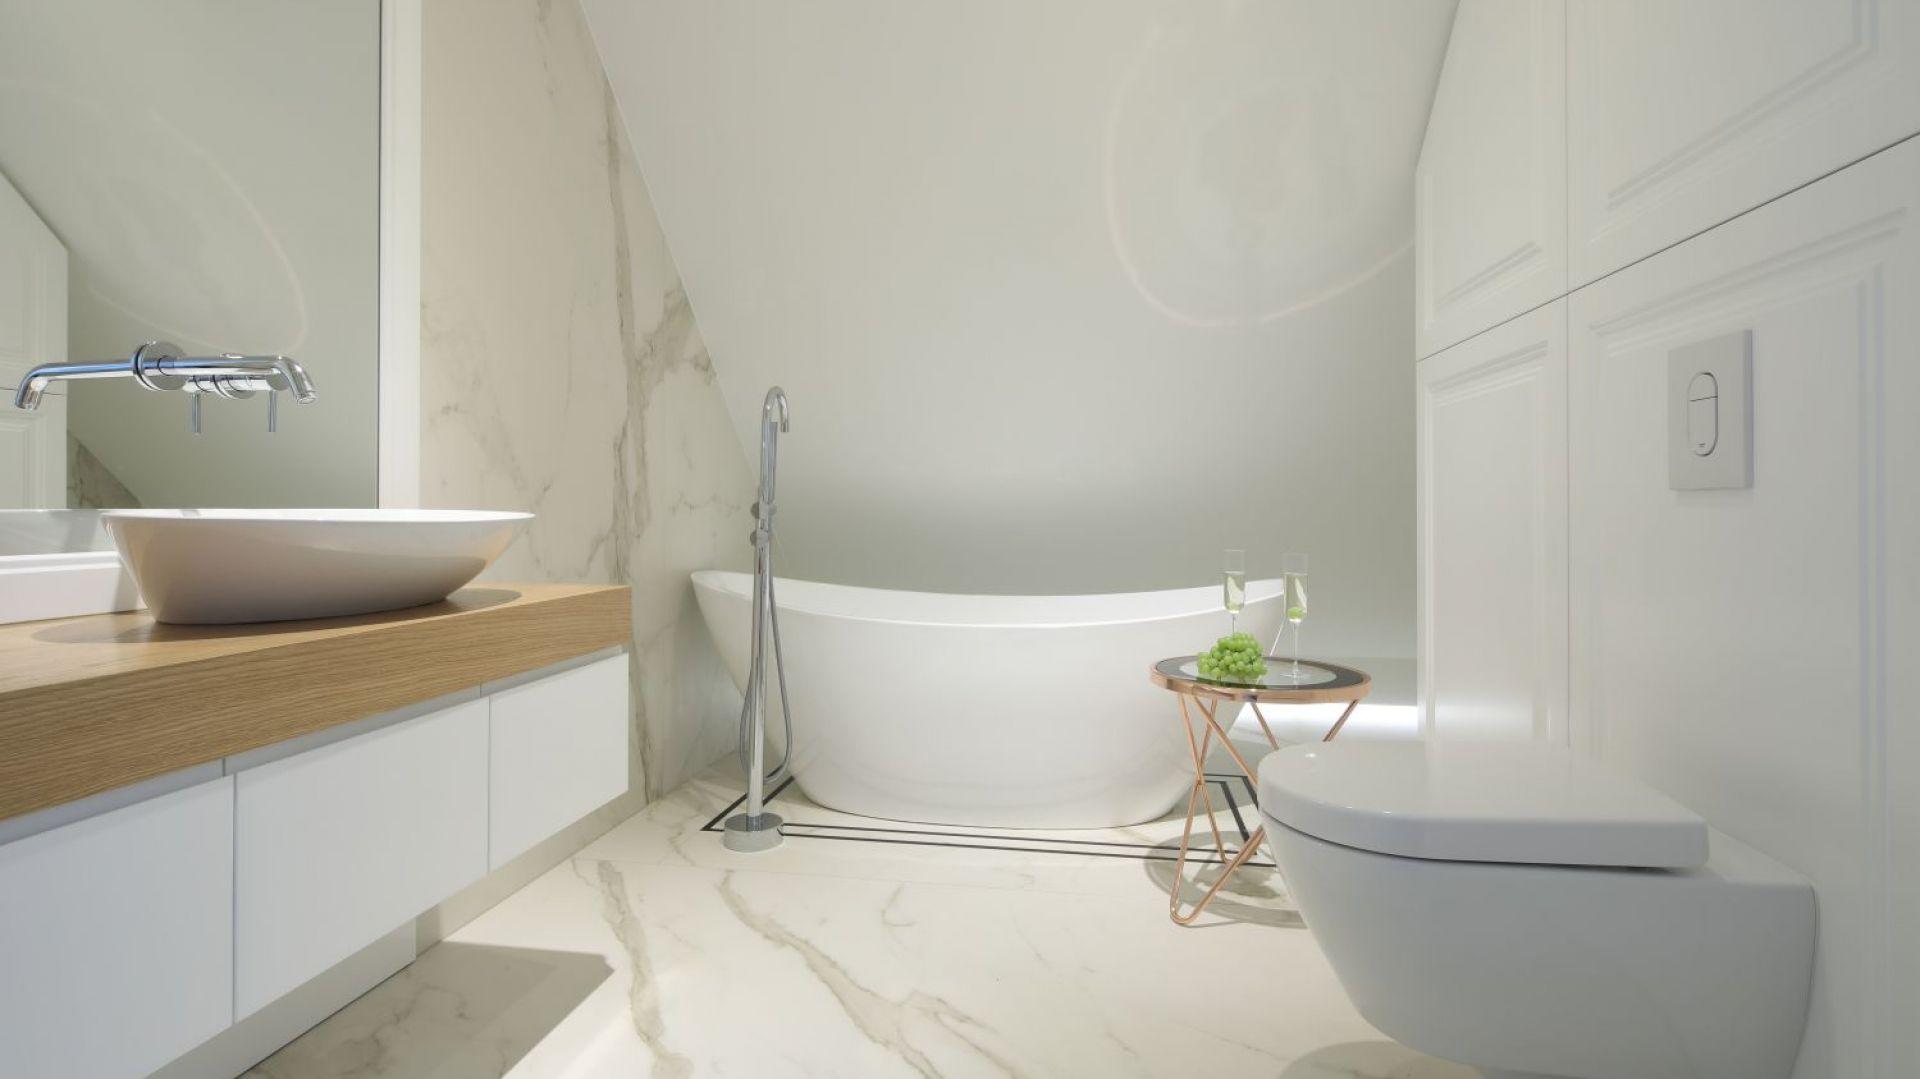 Wolnostojąca wanna o subtelnej, eleganckiej linii nadała łazience rangę saloniku kąpielowego. Projekt: Katarzyna Mikulska-Sękalska. Fot. Bartosz Jarosz